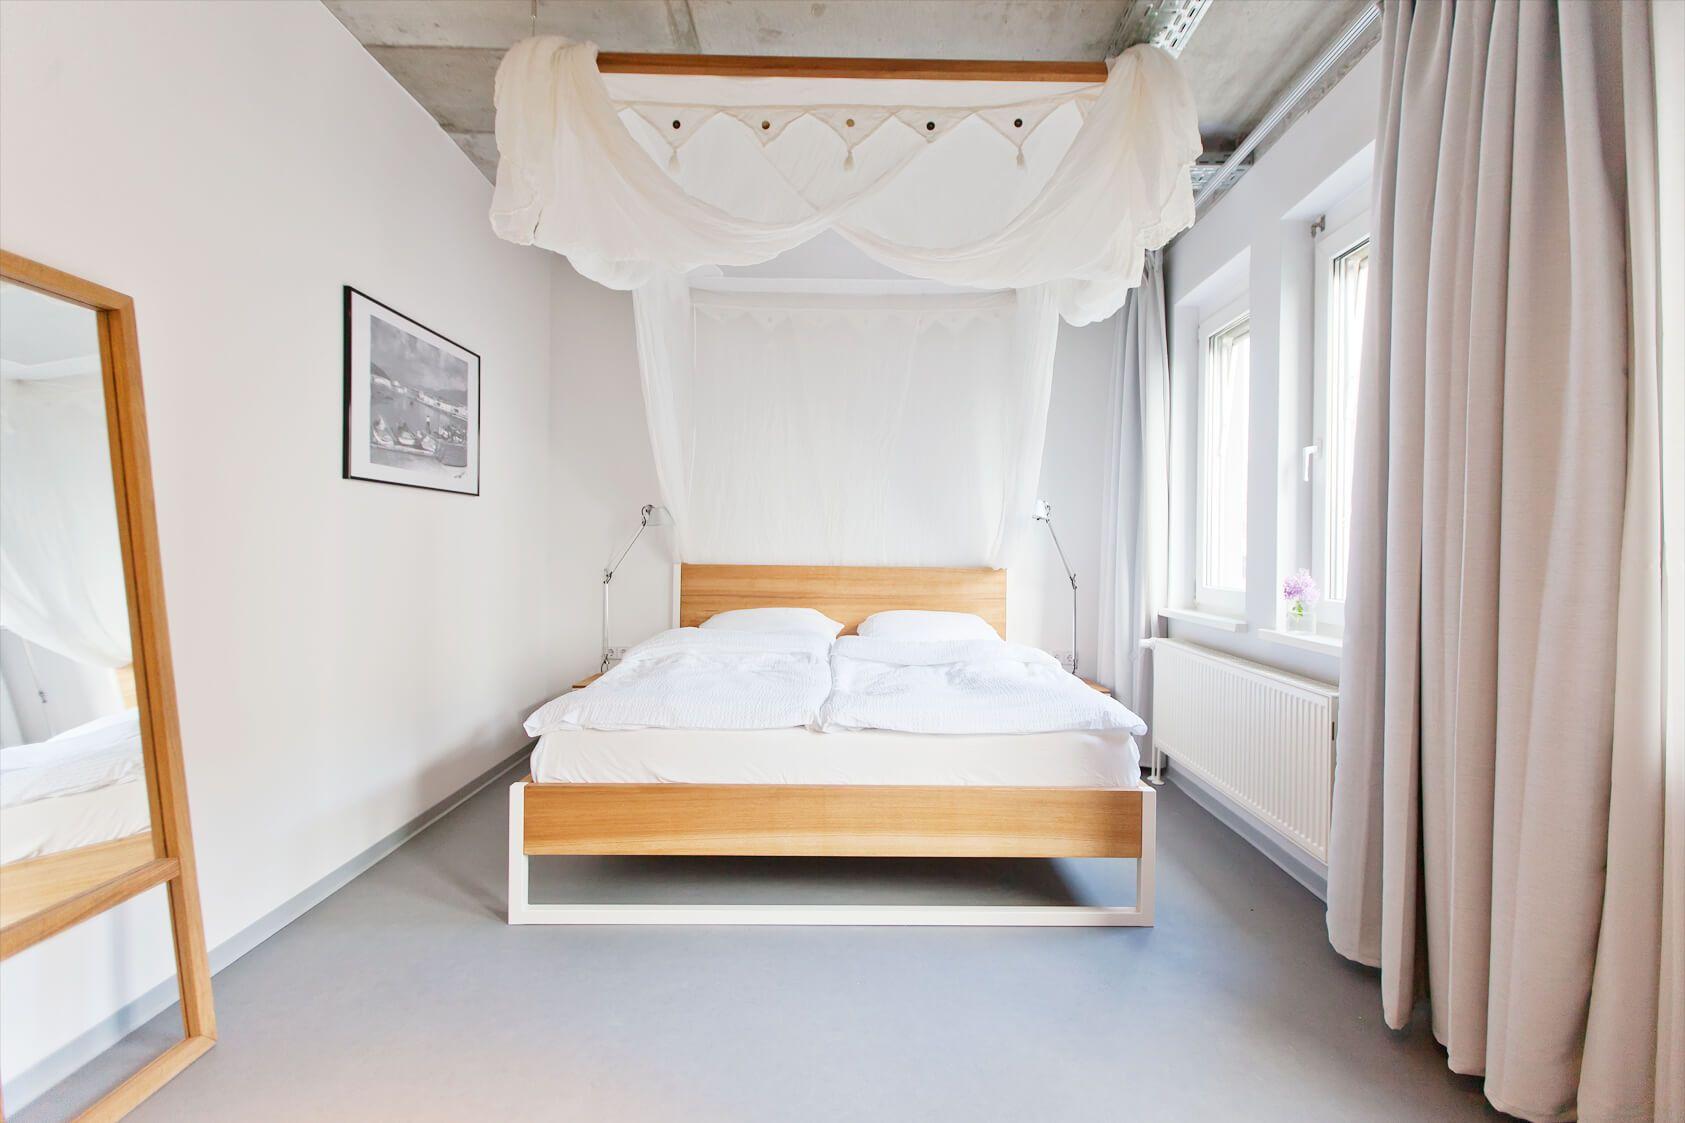 Green Residence Apartments Im Loft Design Design By N51e12 Bauhausdesign Bauhaus Massvizholz Mobel S Mobeldesign Holztisch Selber Bauen Holztisch Lackiert